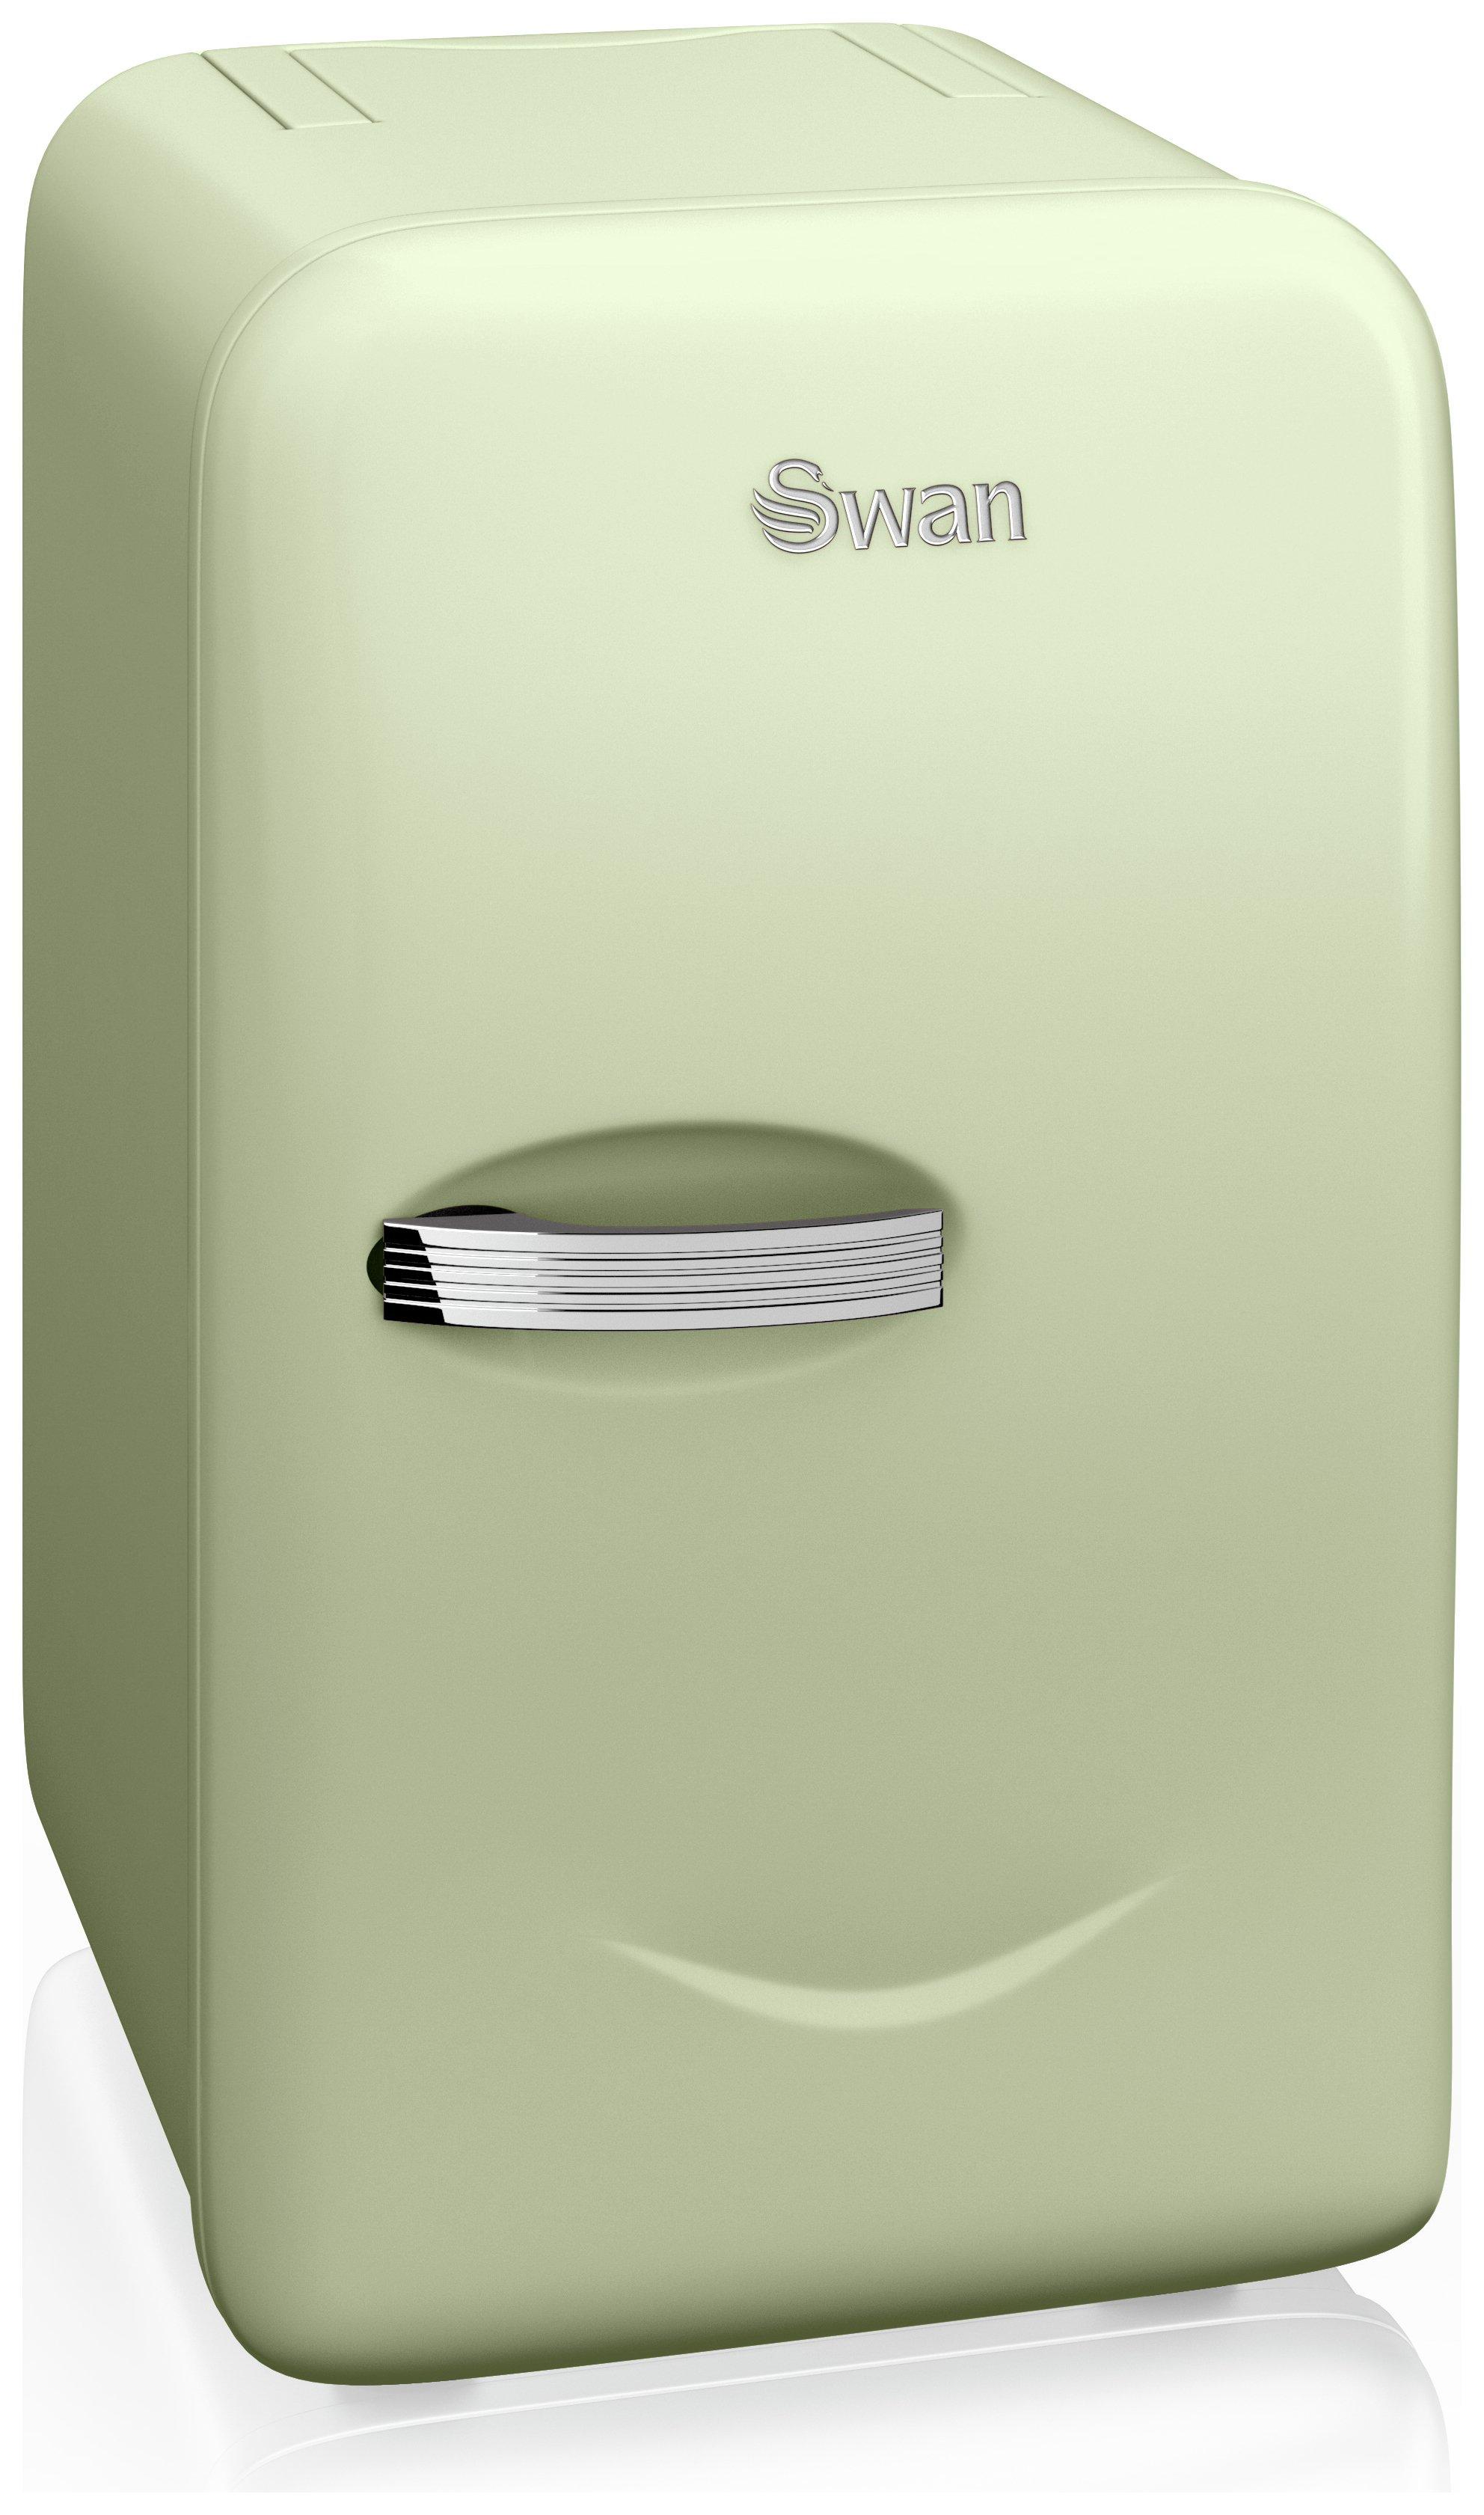 Swan SRE10010GN Mini Fridge - Green